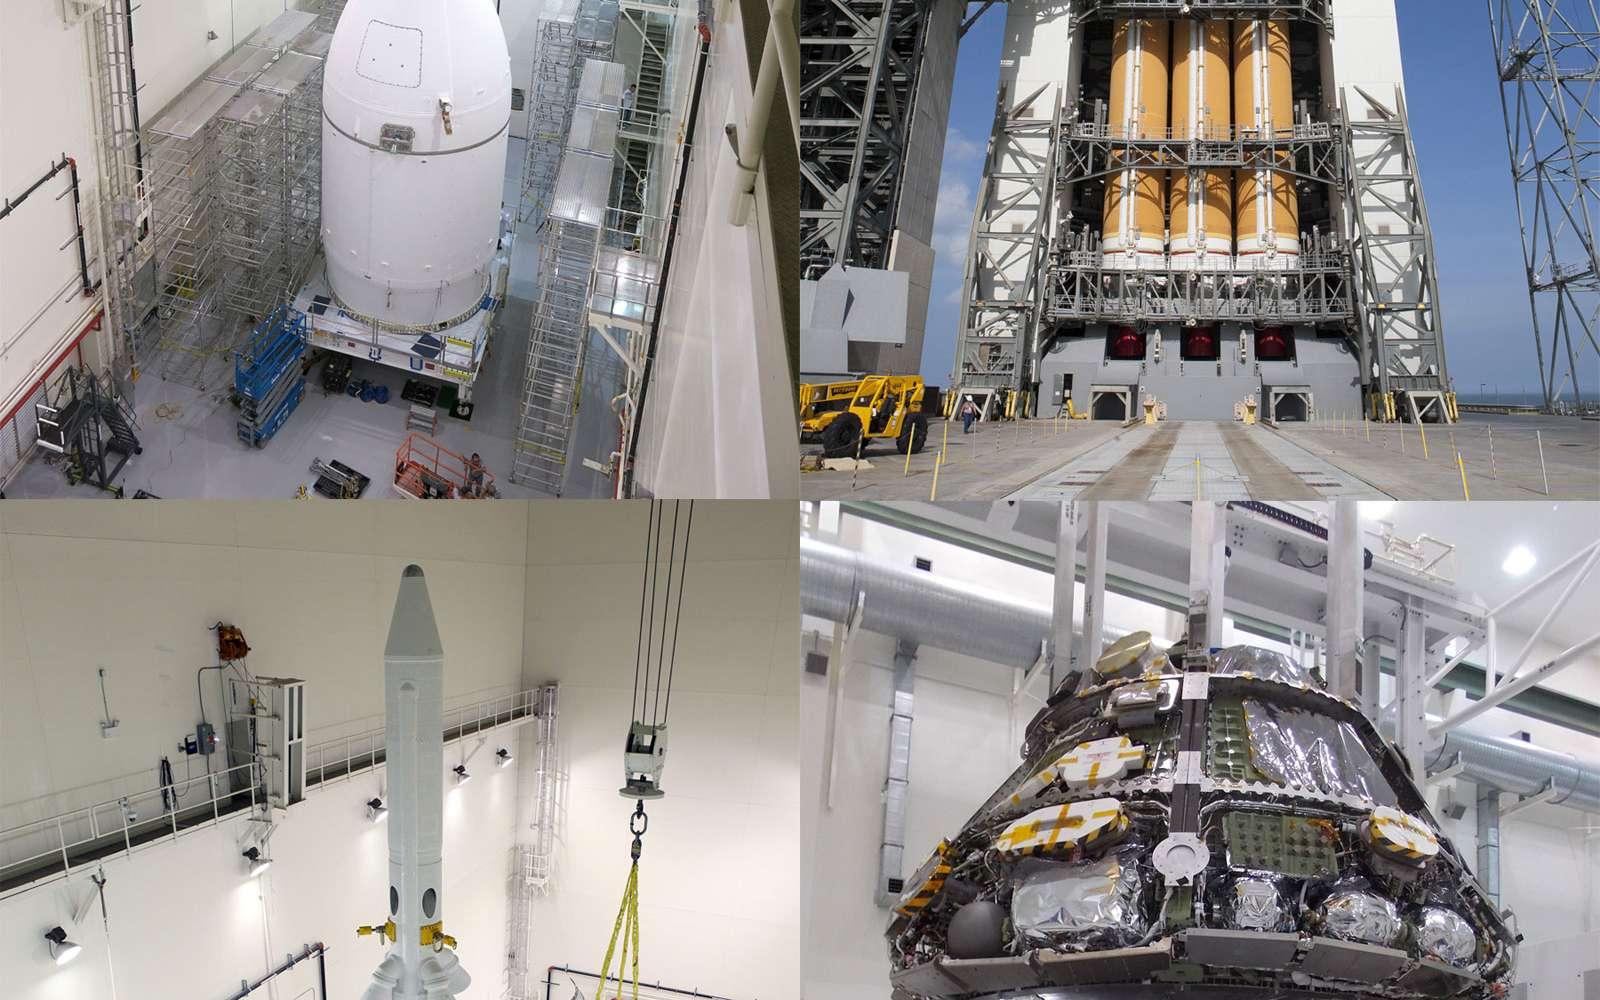 Différentes étapes de la préparation d'Orion pour son premier vol d'essai, comme la mise sous coiffe et l'installation de l'engin sur son bouclier thermique. © Nasa